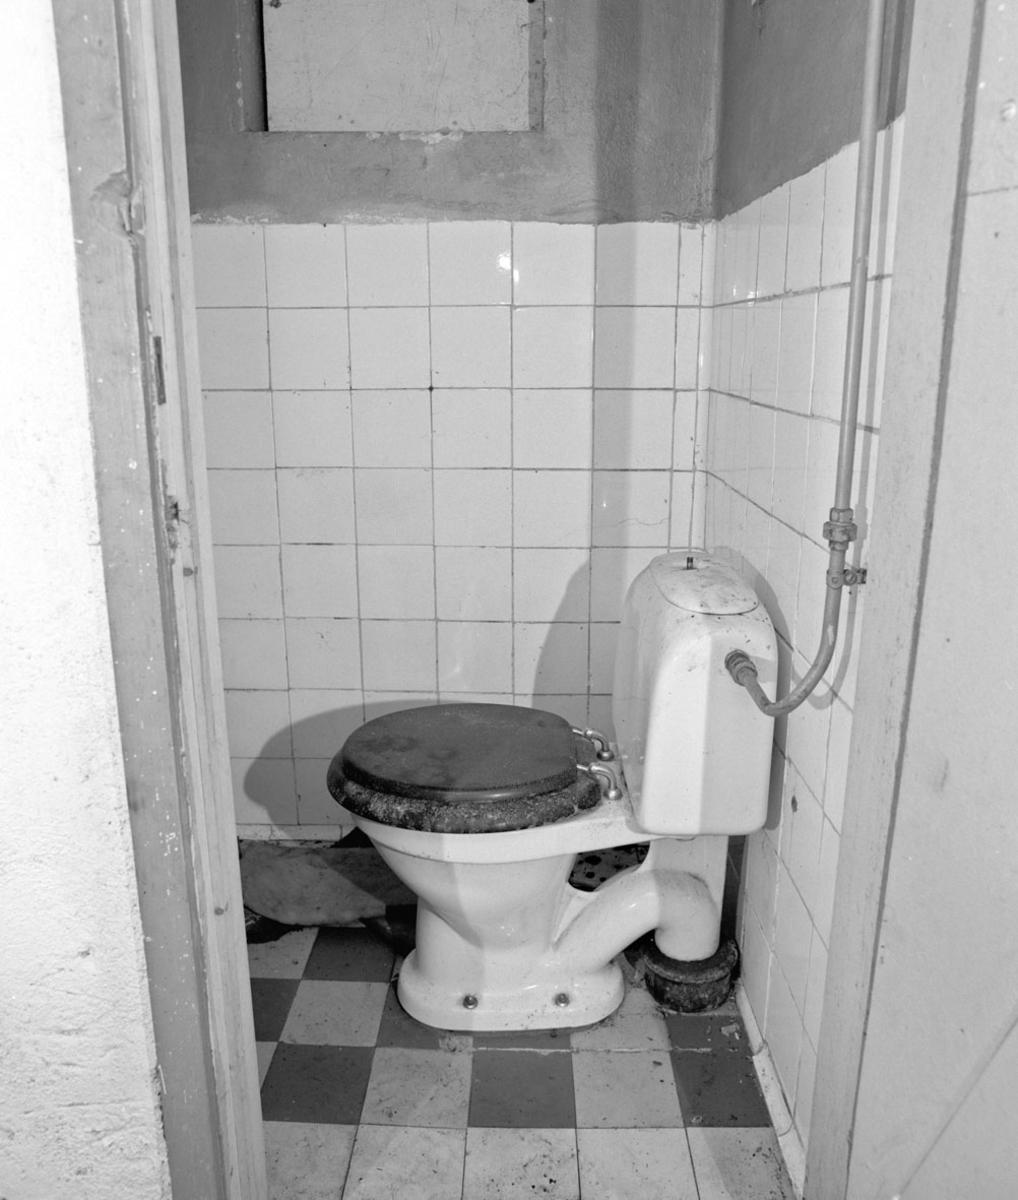 Toalett med lokket nede